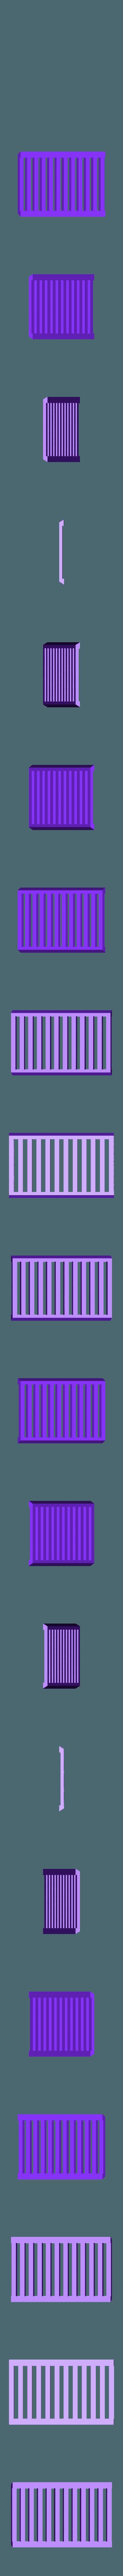 grill.stl Télécharger fichier STL gratuit EPIC 6 stage coilgun • Objet pour impression 3D, Gyro